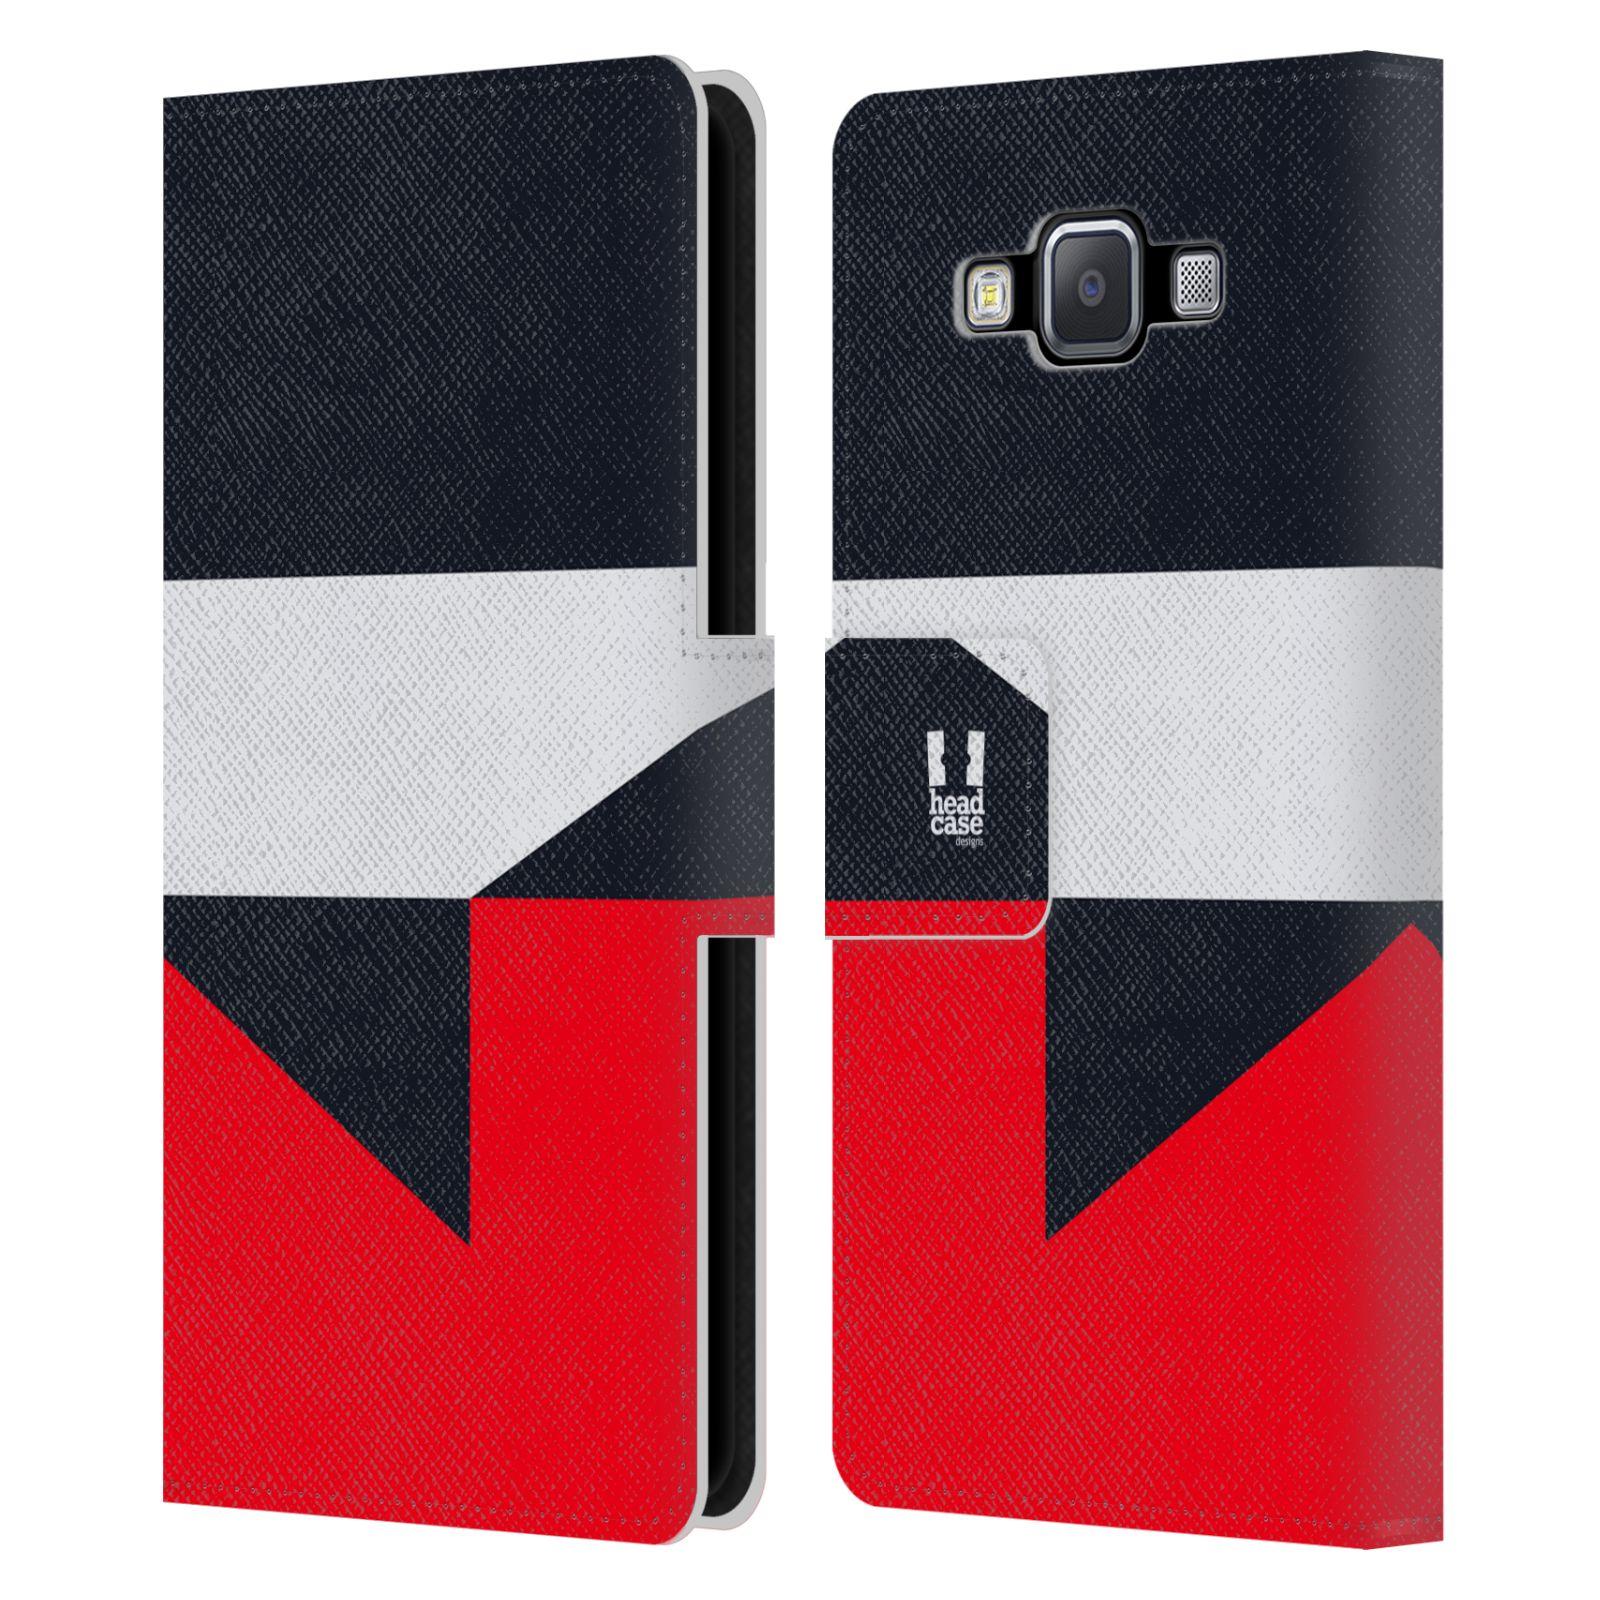 HEAD CASE Flipové pouzdro pro mobil Samsung Galaxy A5 barevné tvary černá a červená gejša